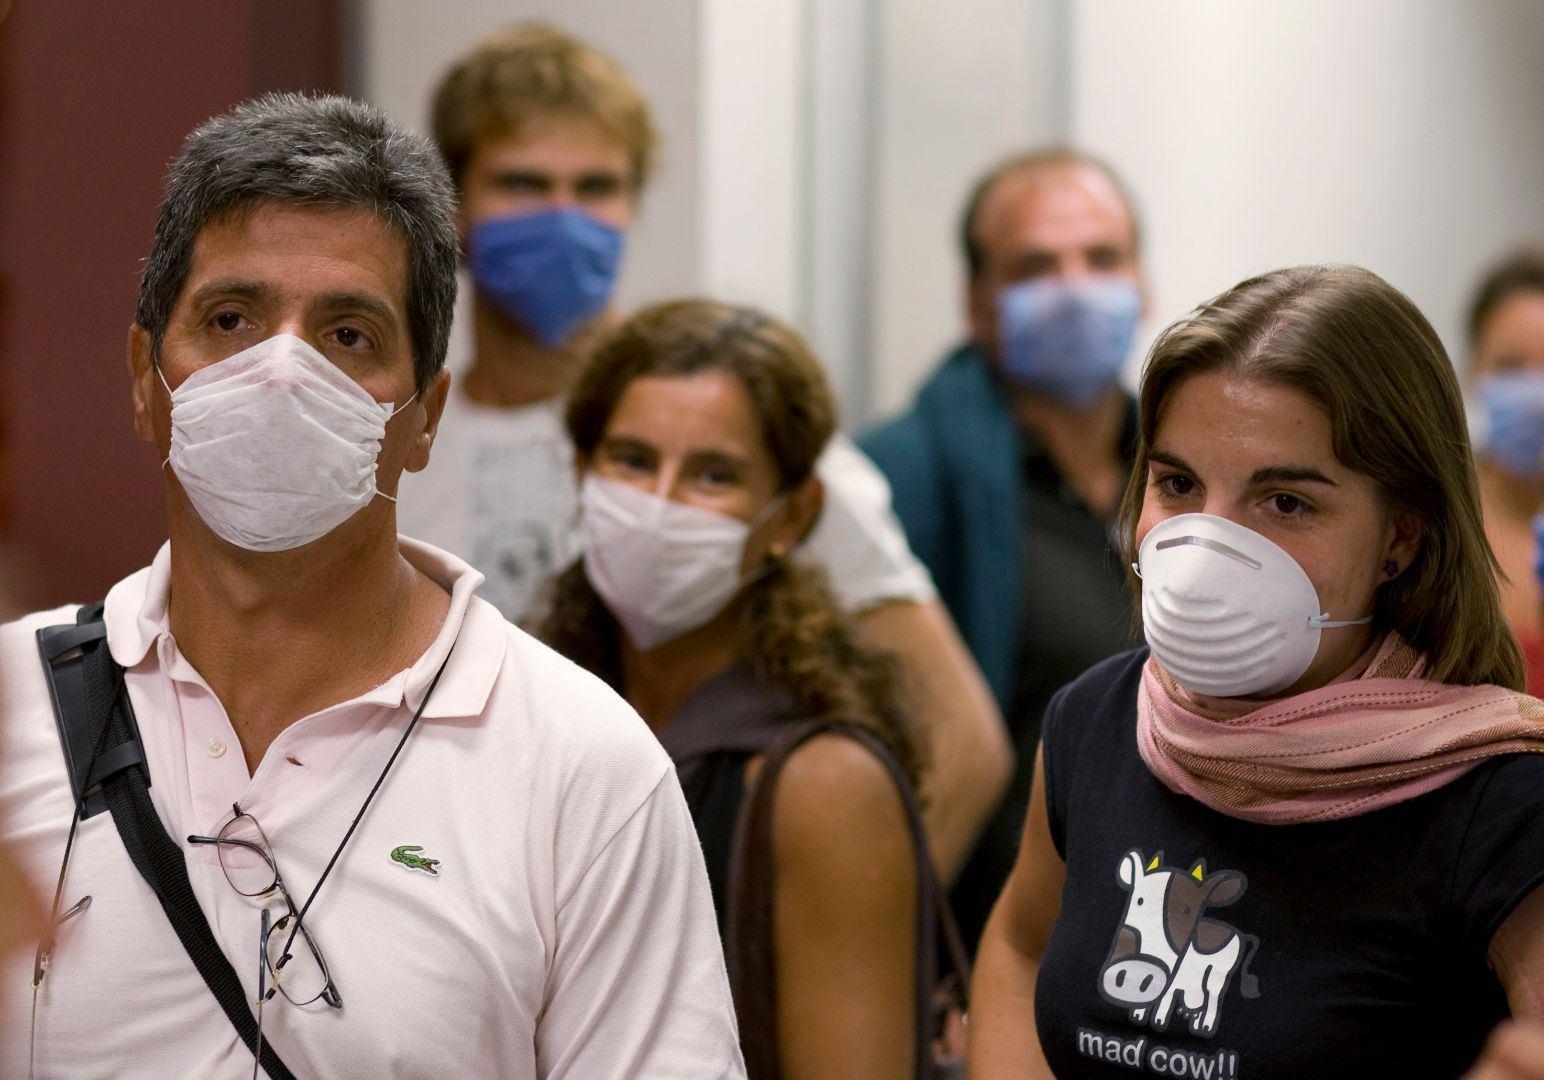 Коронавирус: Симптомы. Как вы можете заразиться? Как защитить себя?